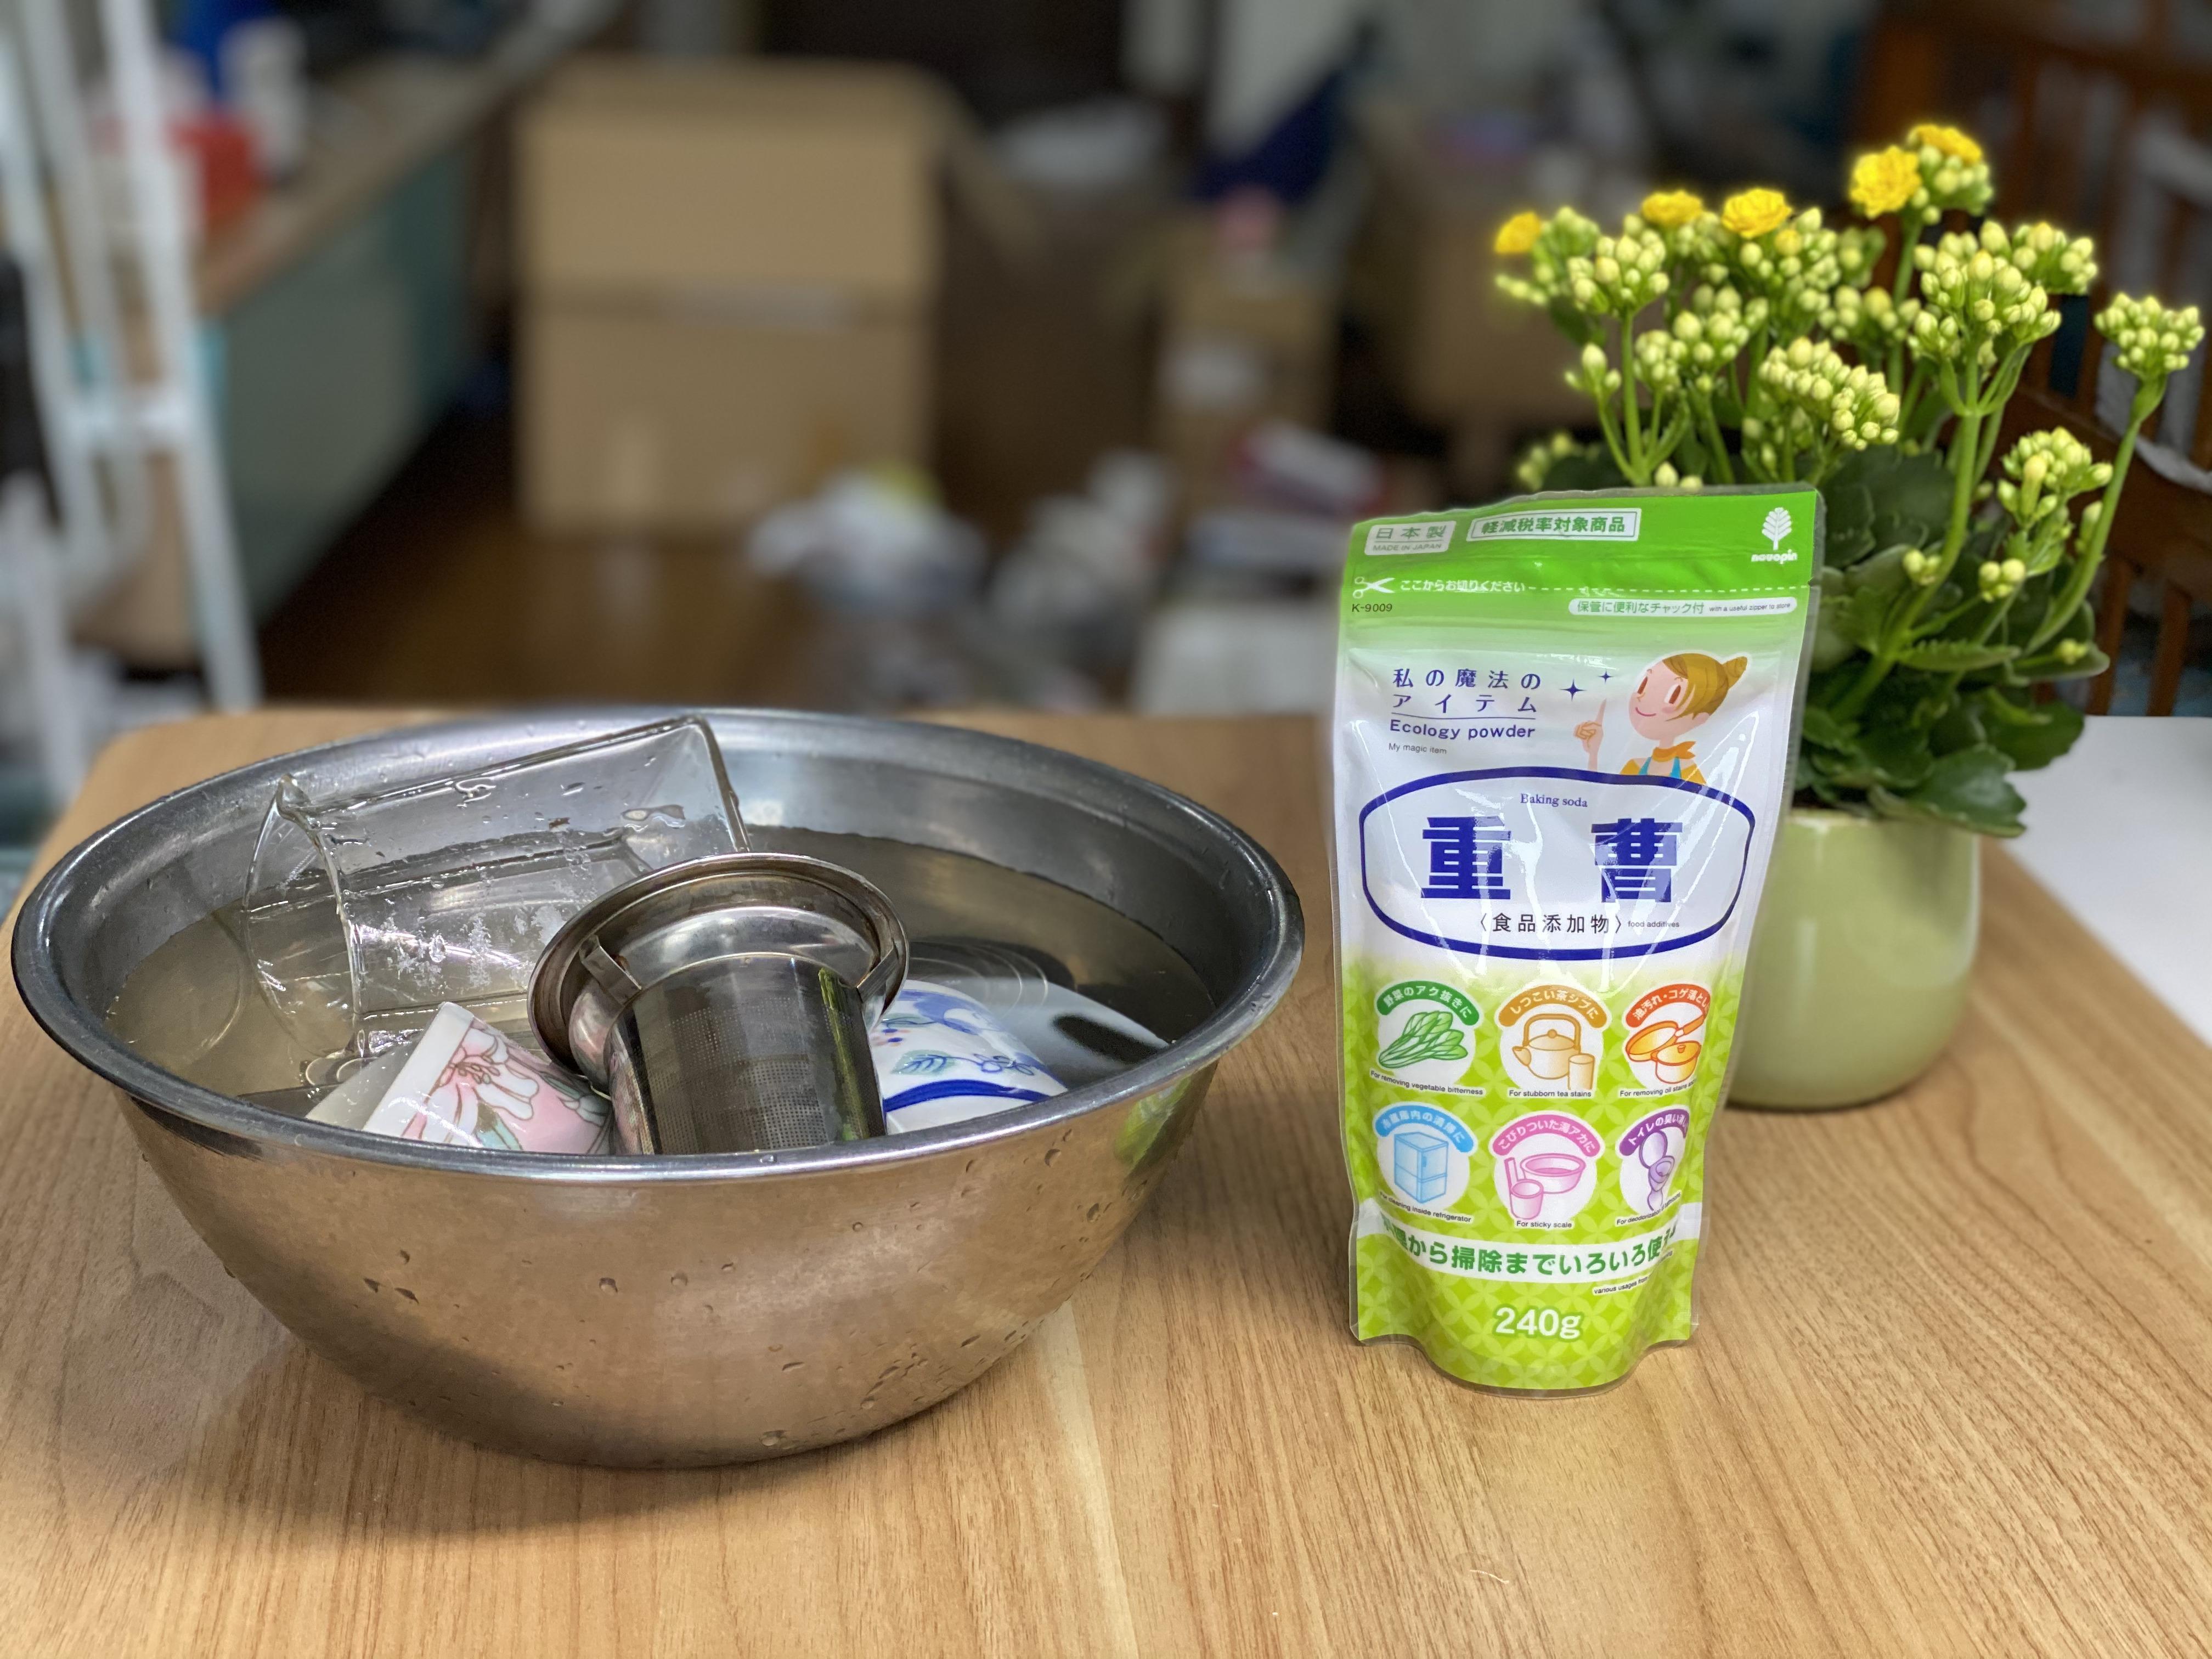 Bột Baking Soda tẩy rửa đa năng 240g (dạng gói) - Nội địa Nhật Bản